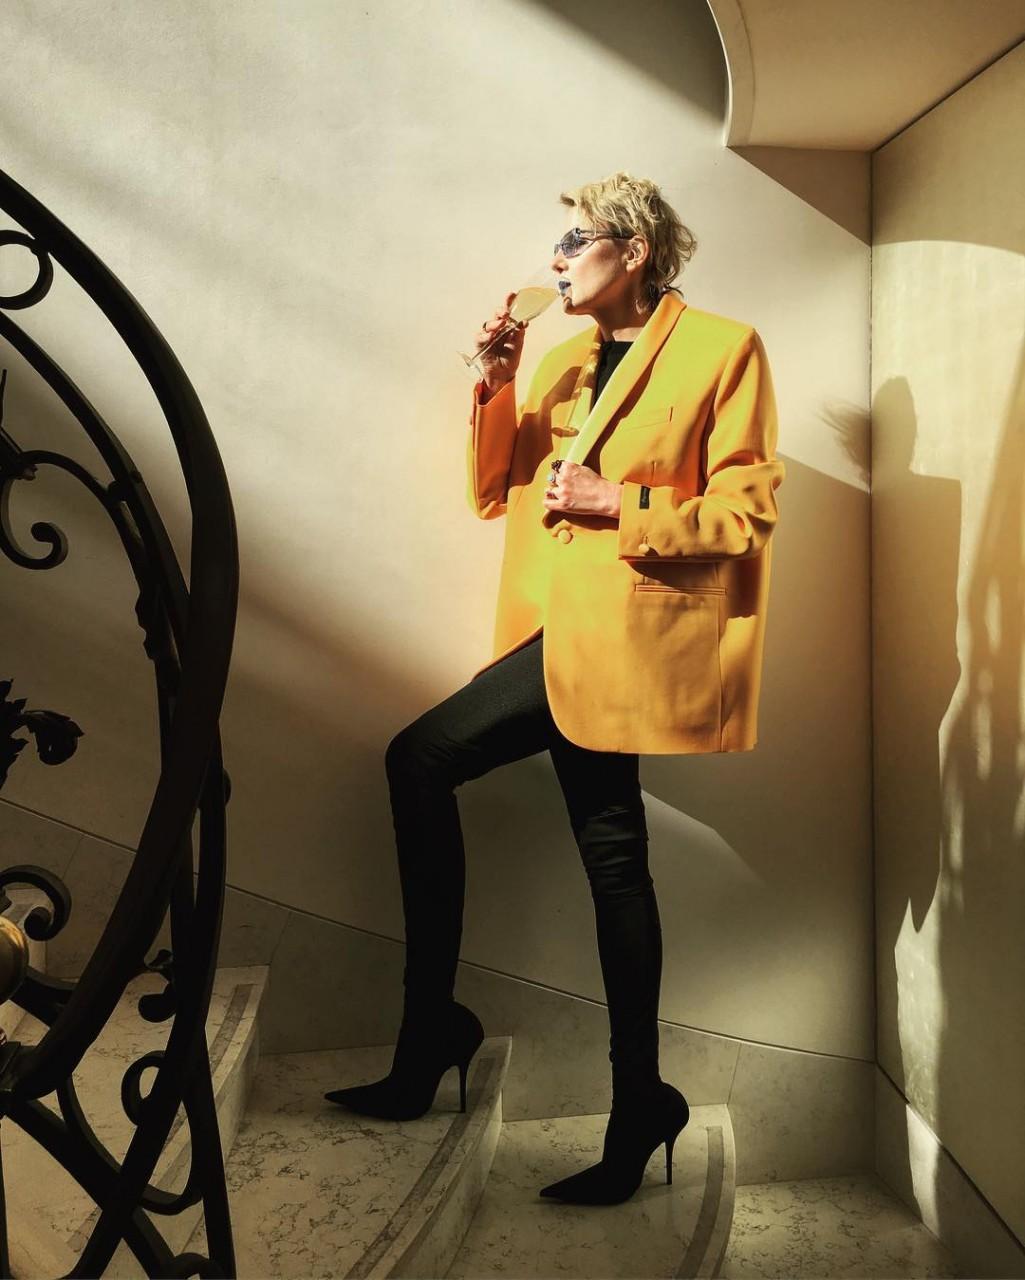 Рената Литвинова в объемном желтом жакете